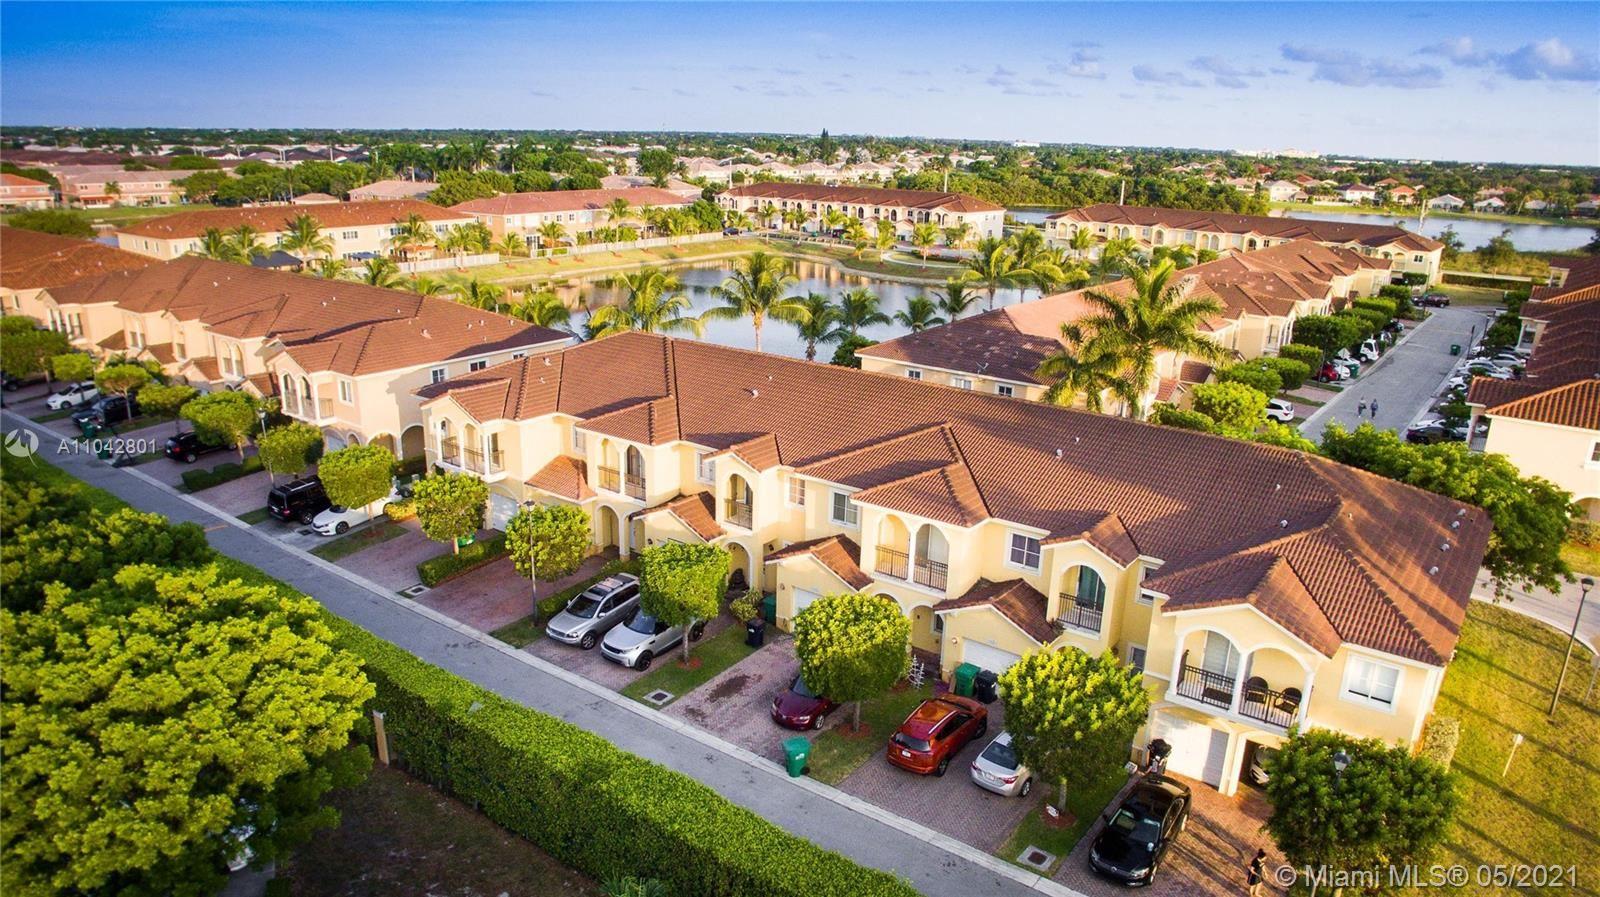 16670 SW 70th St #16670, Miami, FL 33193 - #: A11042801